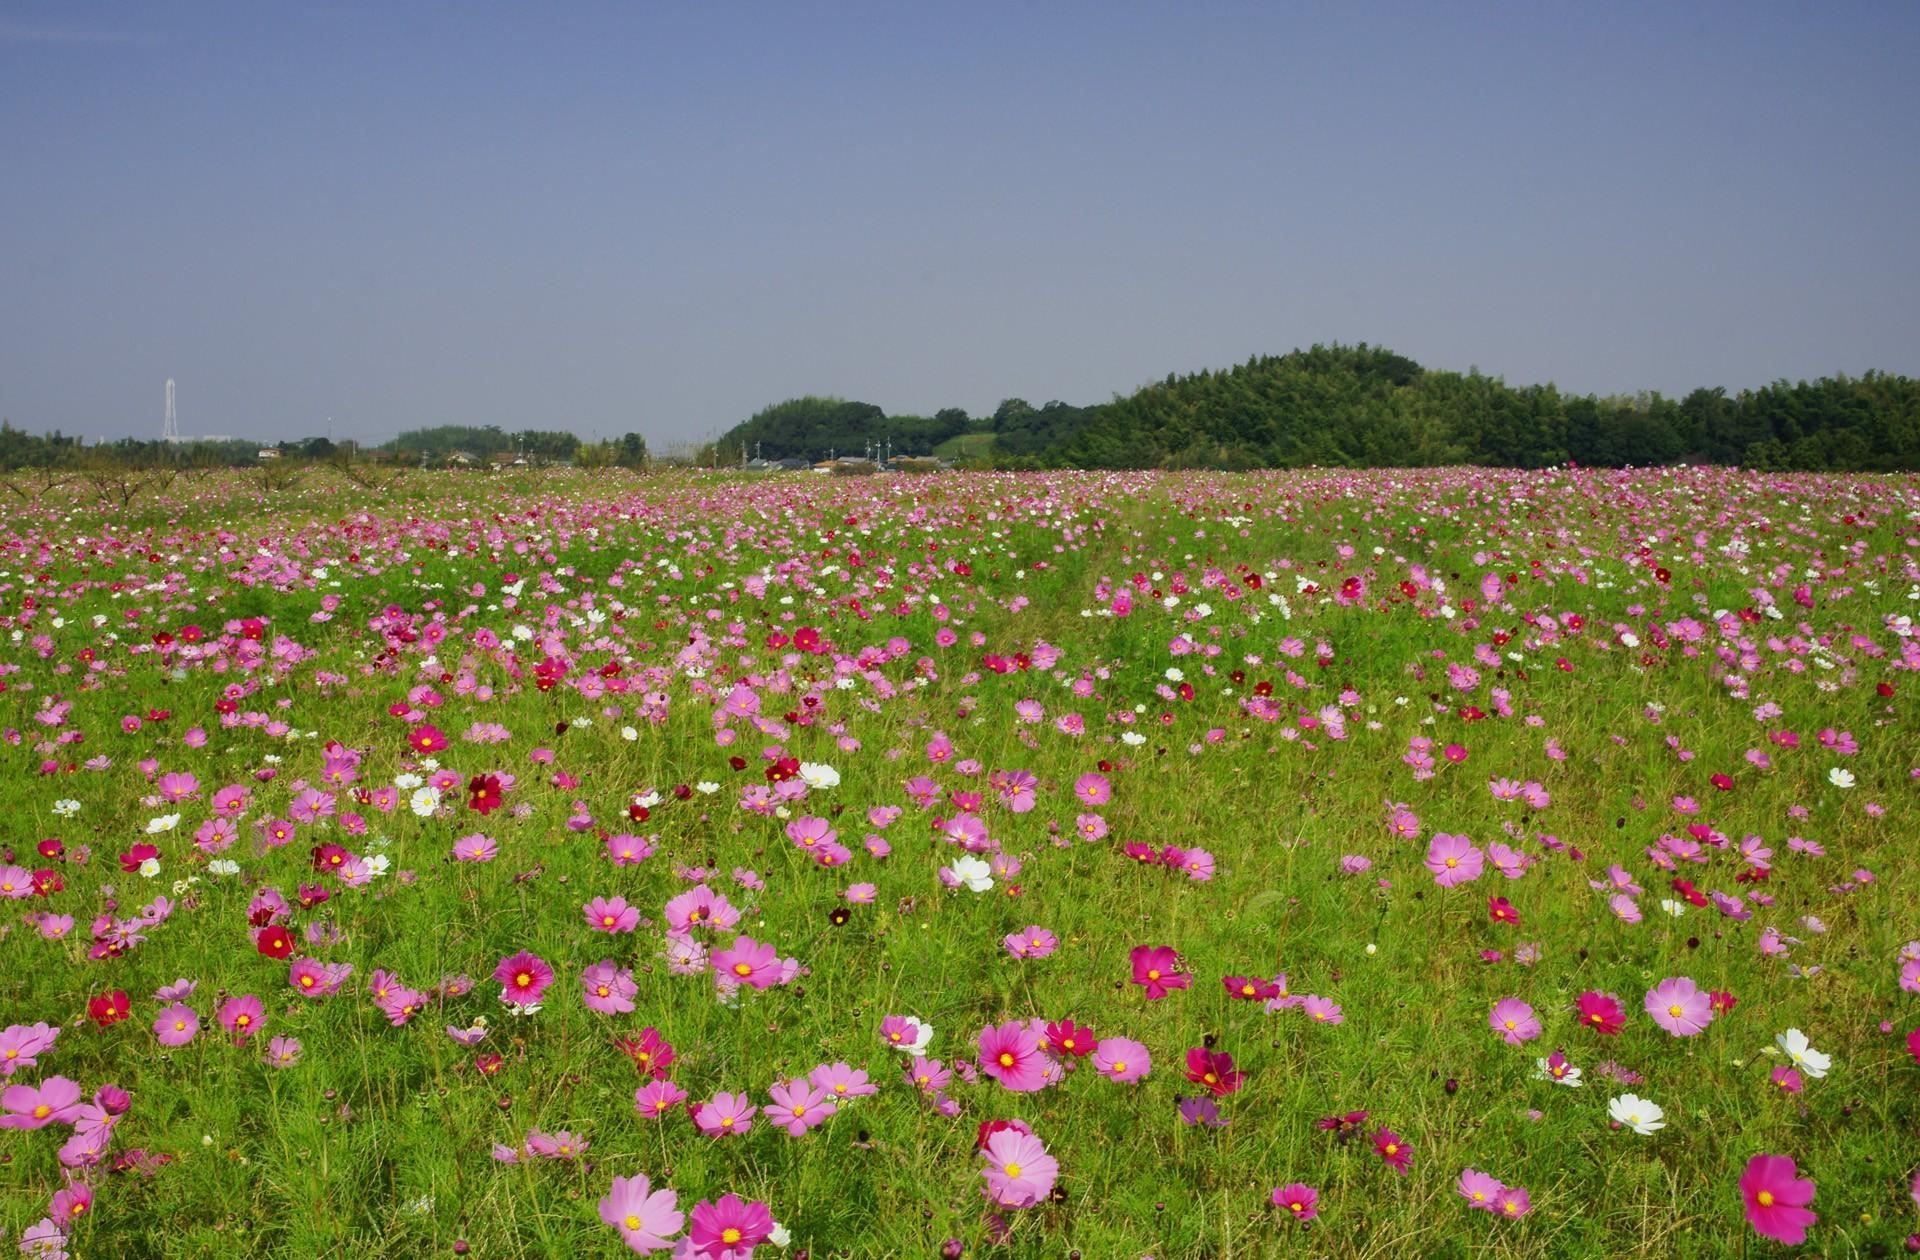 ТОП-7 самых красивых цветущих долин мира фото цветочных 34